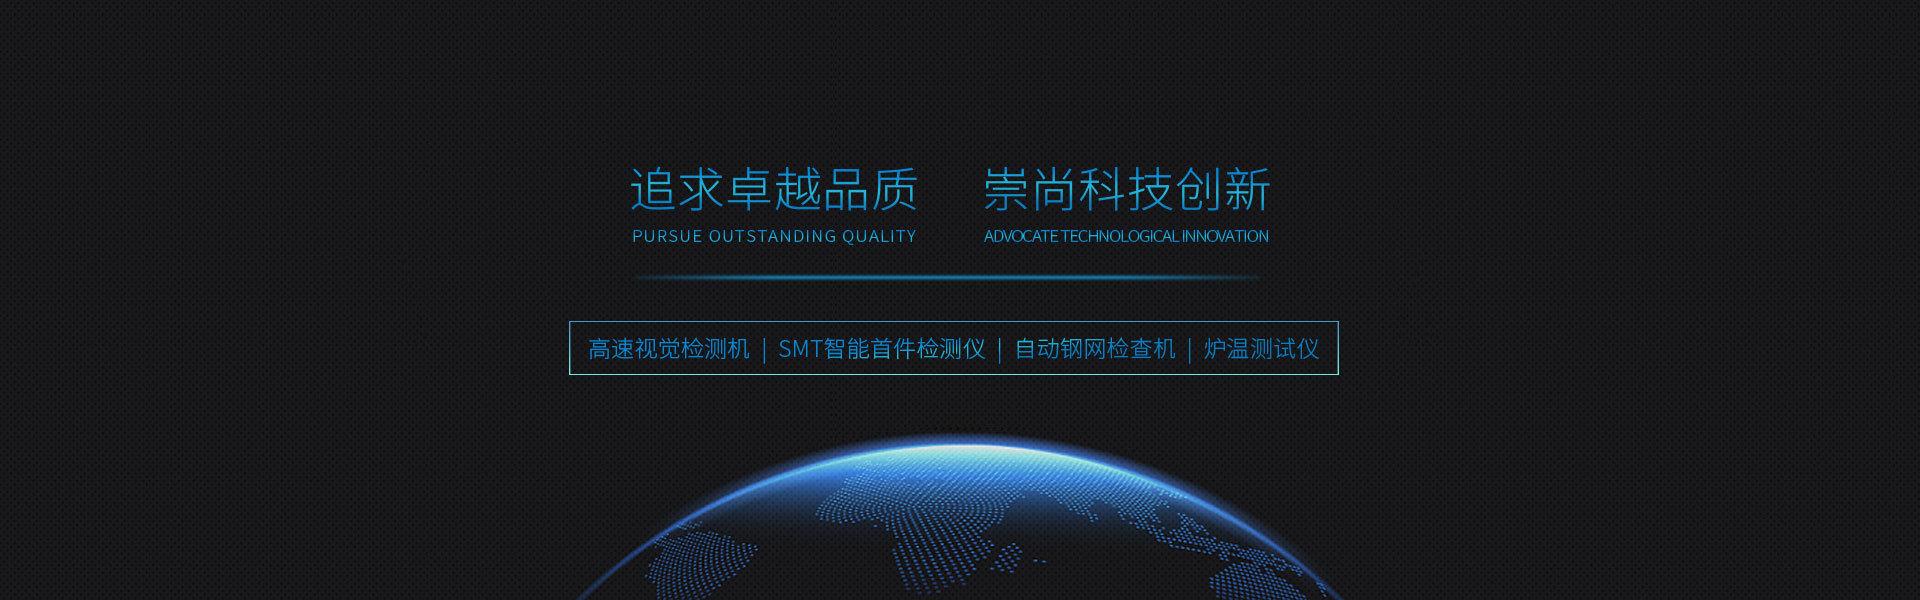 高速视觉检测机|SMT智能888sk集团电子娱乐|钢网检查机|888sk集团登录网址